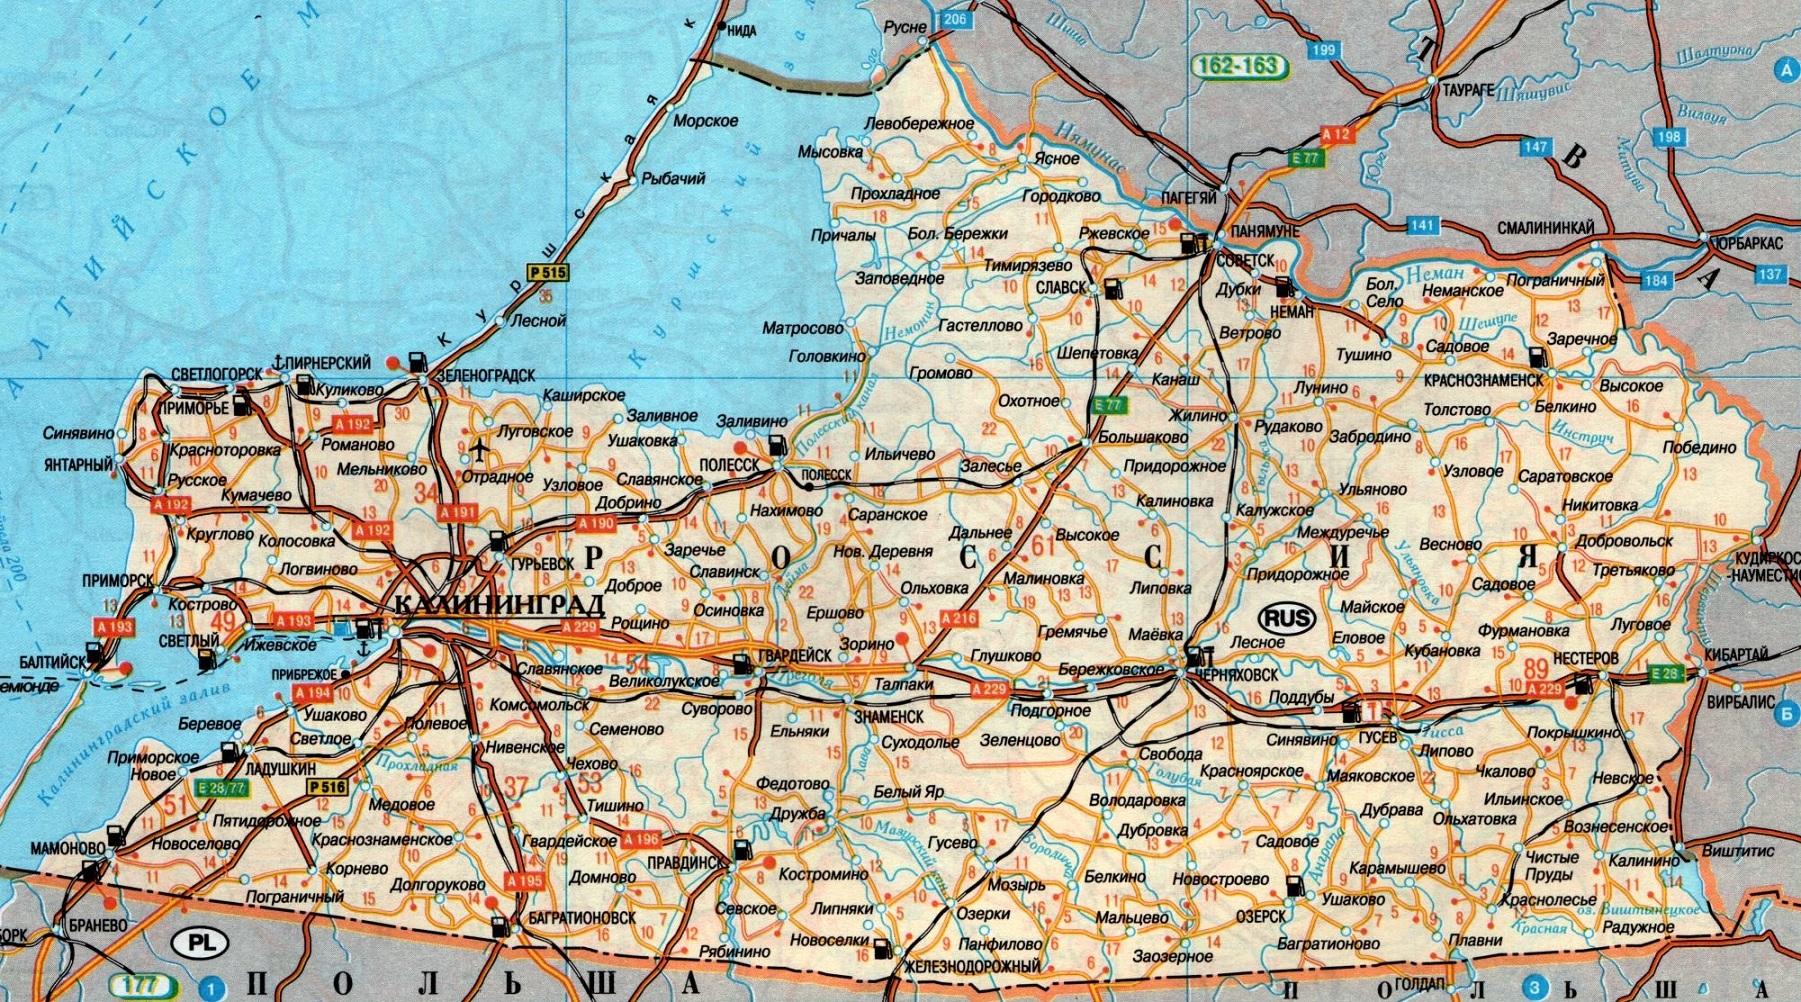 Карта - схема автодорог Калининградской области России, масштаб 1см:9км.